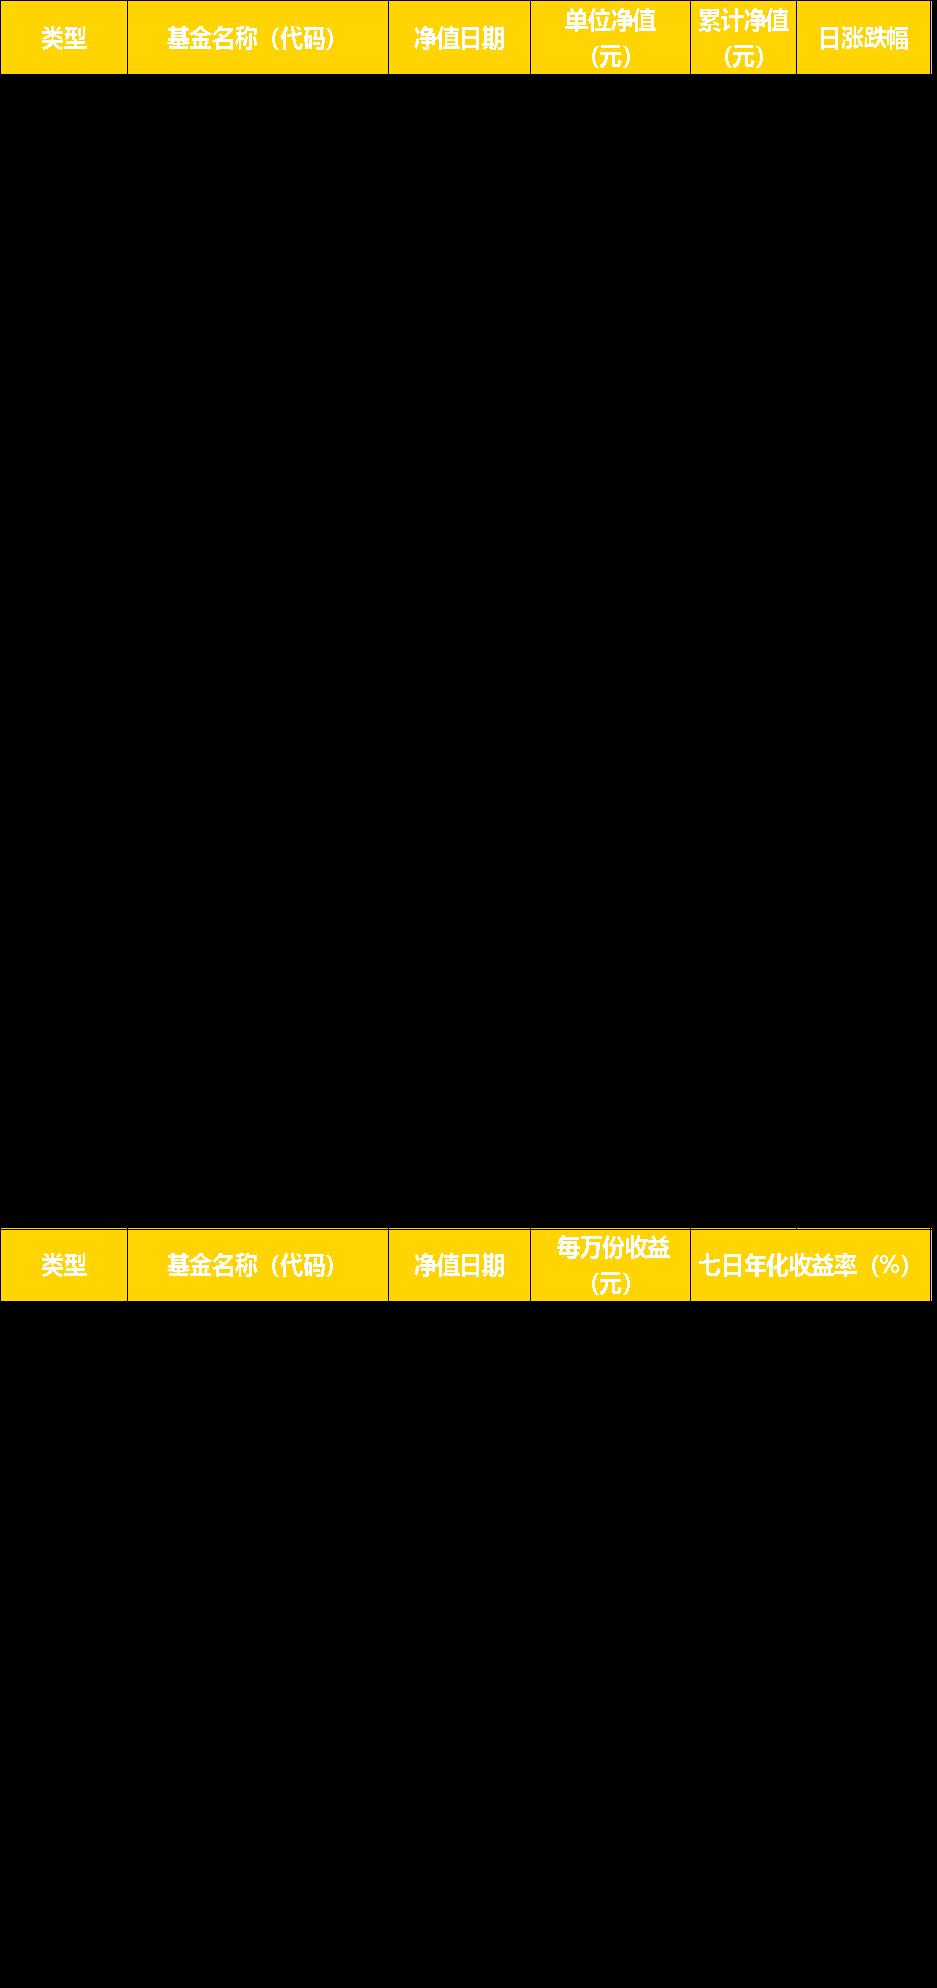 兴•料 | 面板价格连续3个月上涨!